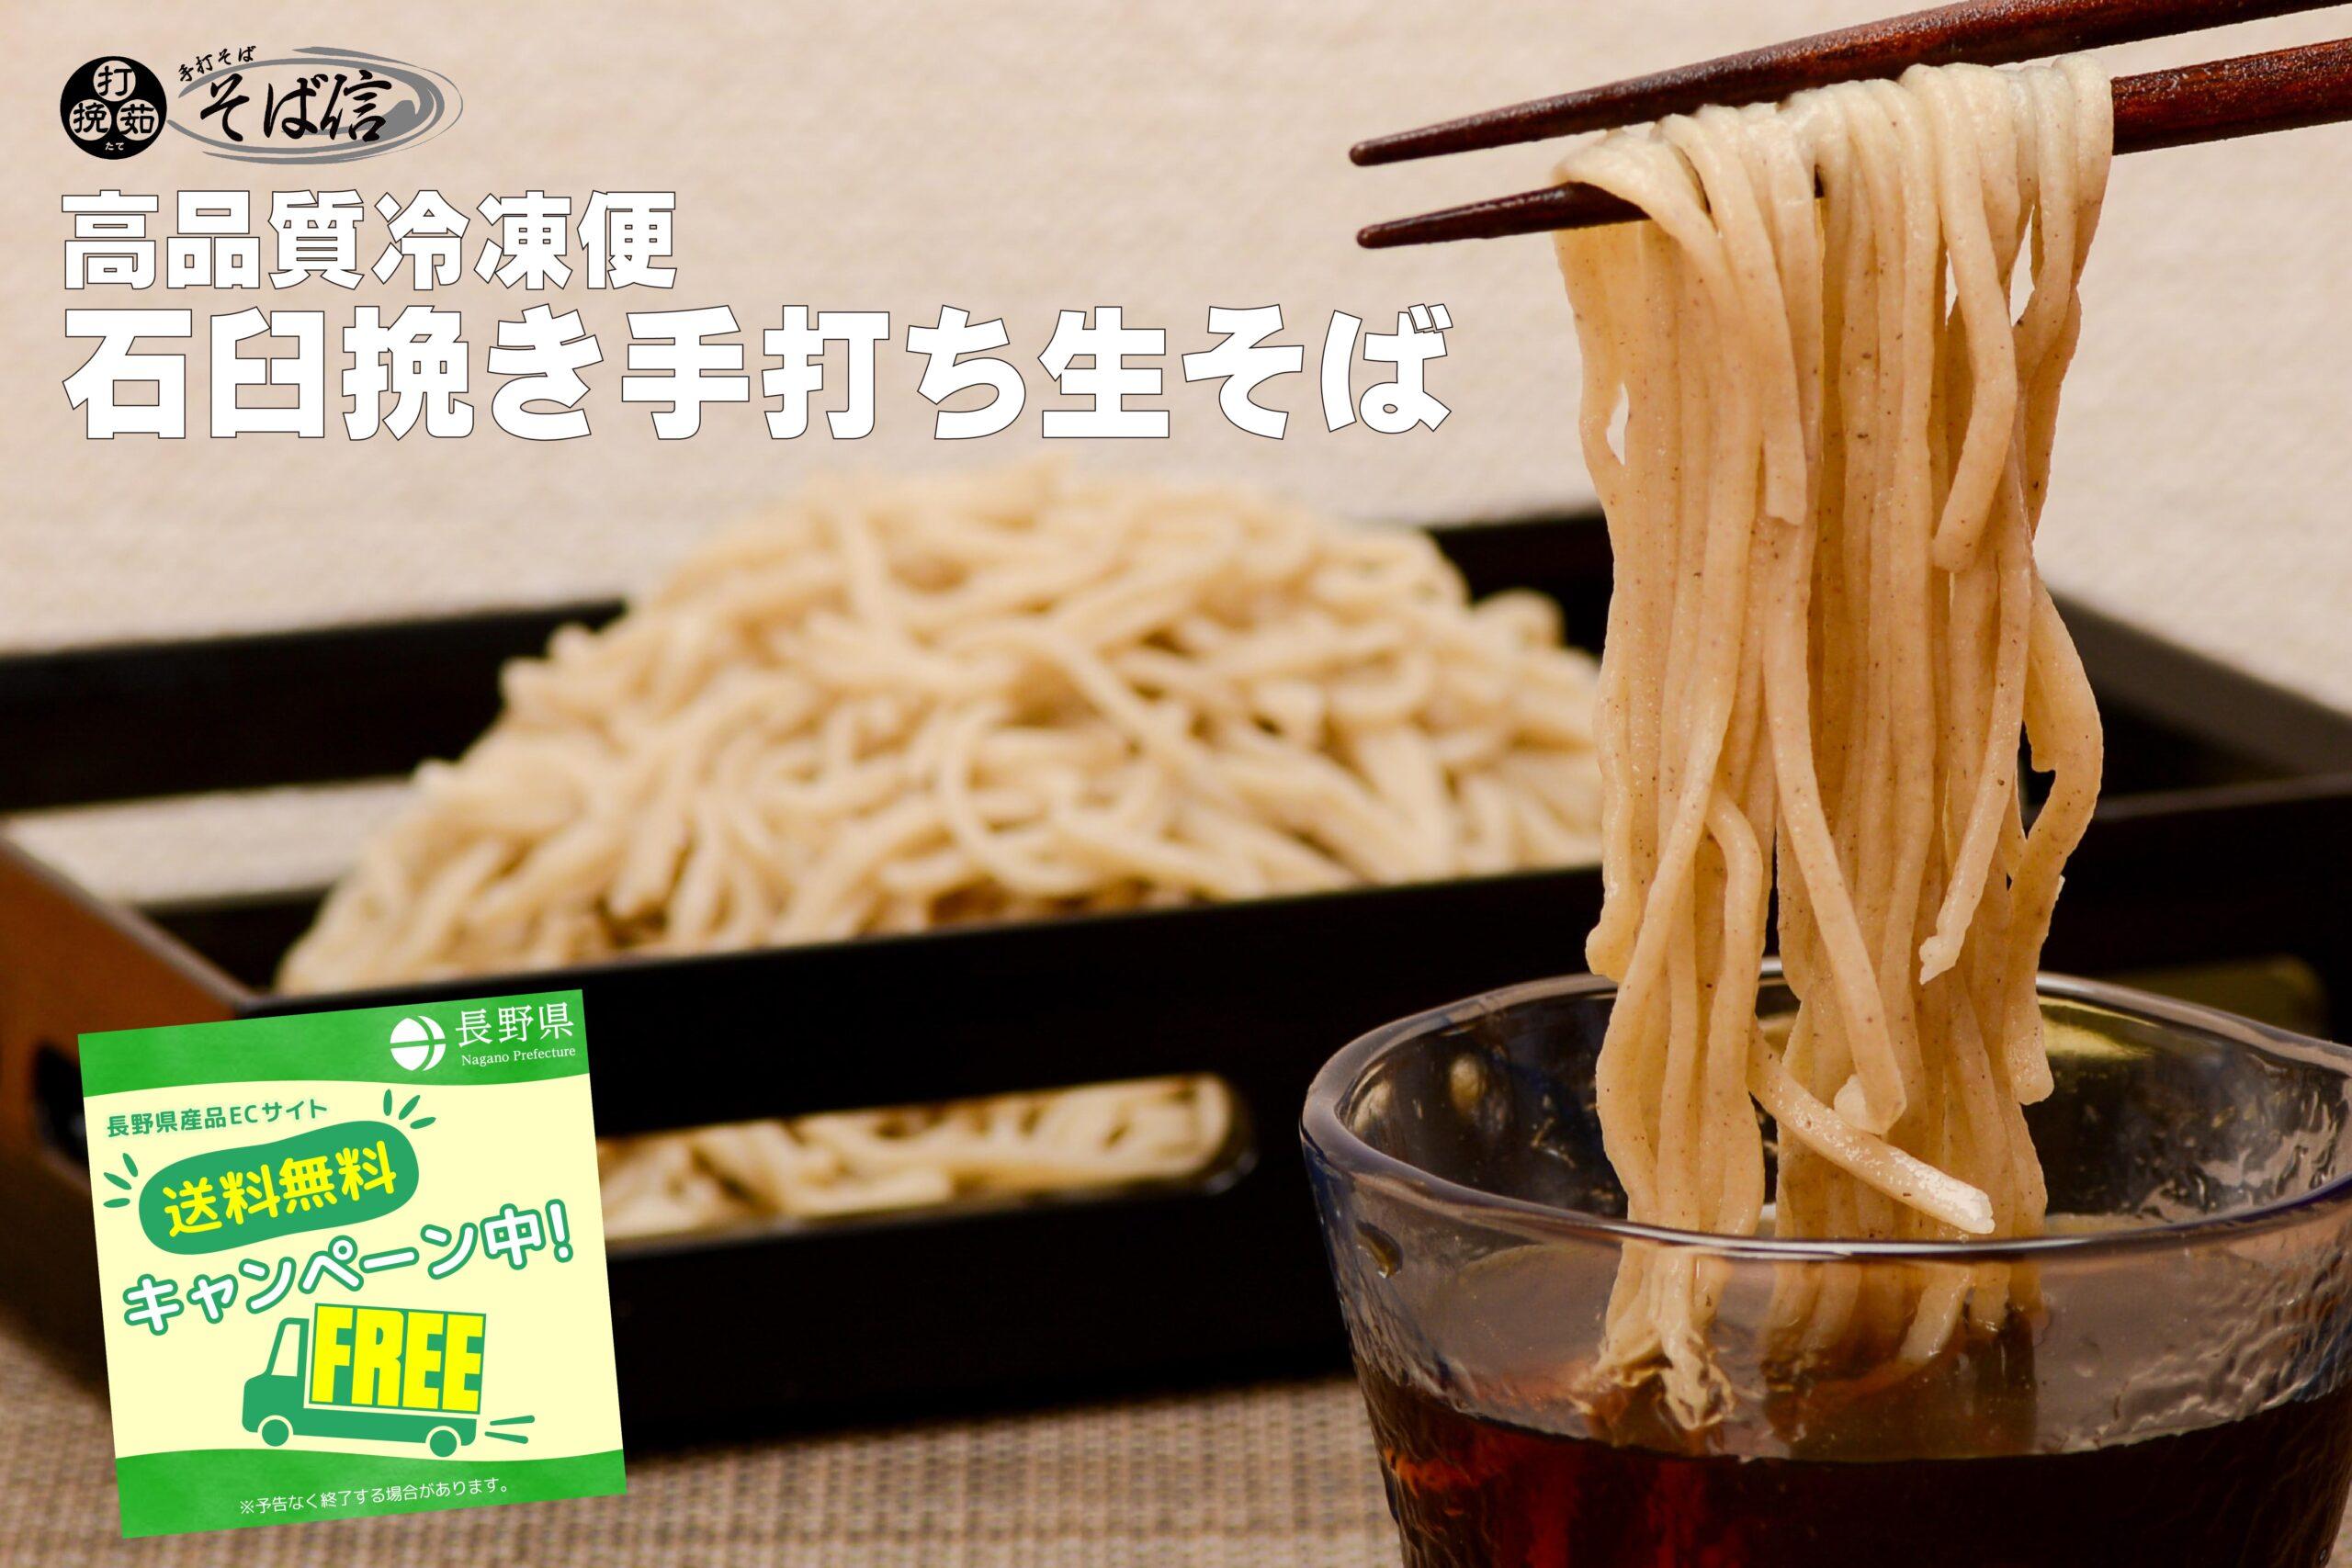 長野県産品通販割引キャンペーン